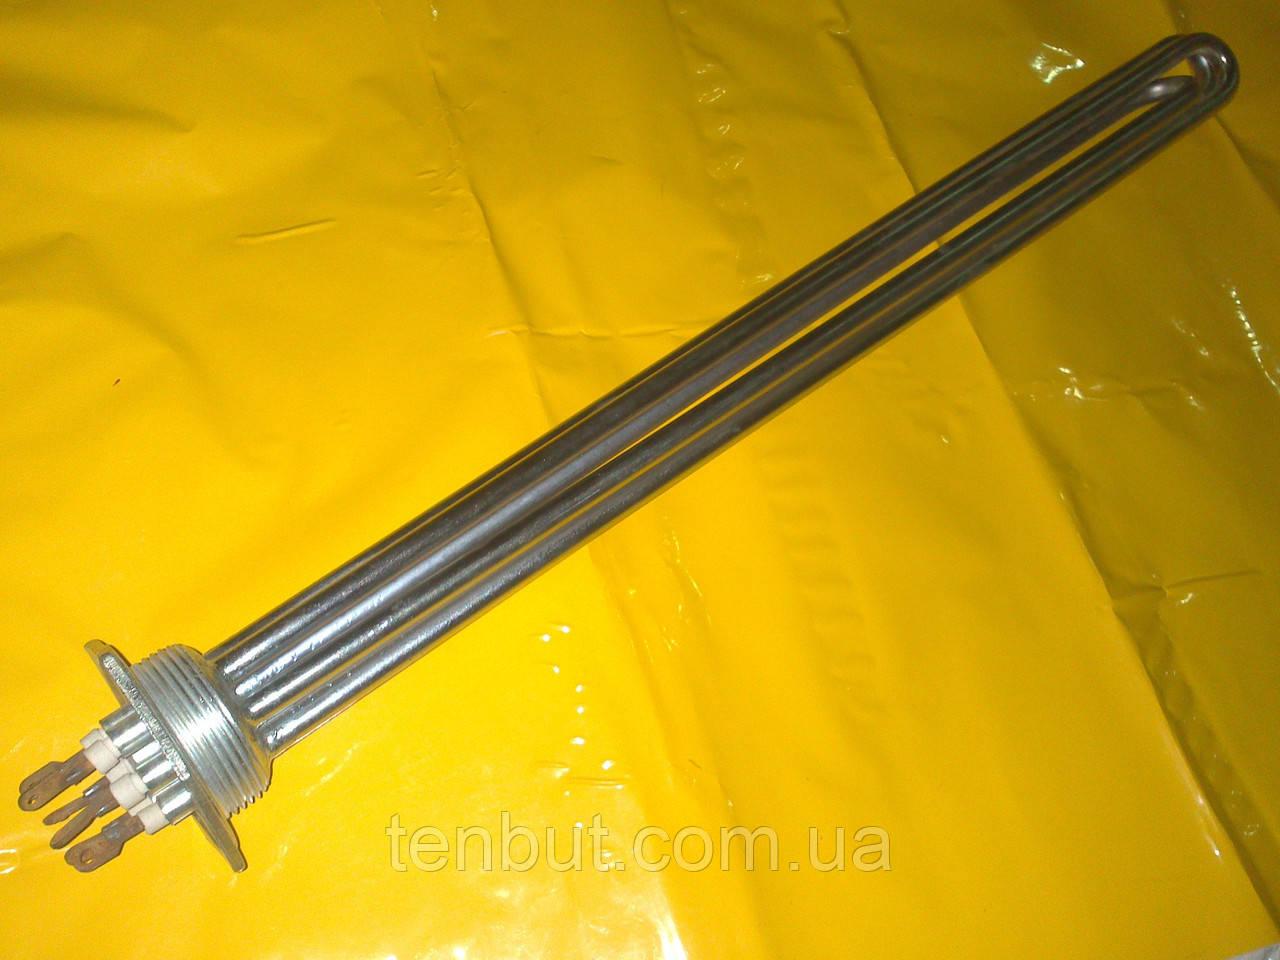 Блок тэн 6.0 кВт./1.5 дюйма/ L-400 мм. медный ( хромированный ) производство БМЗ Украина